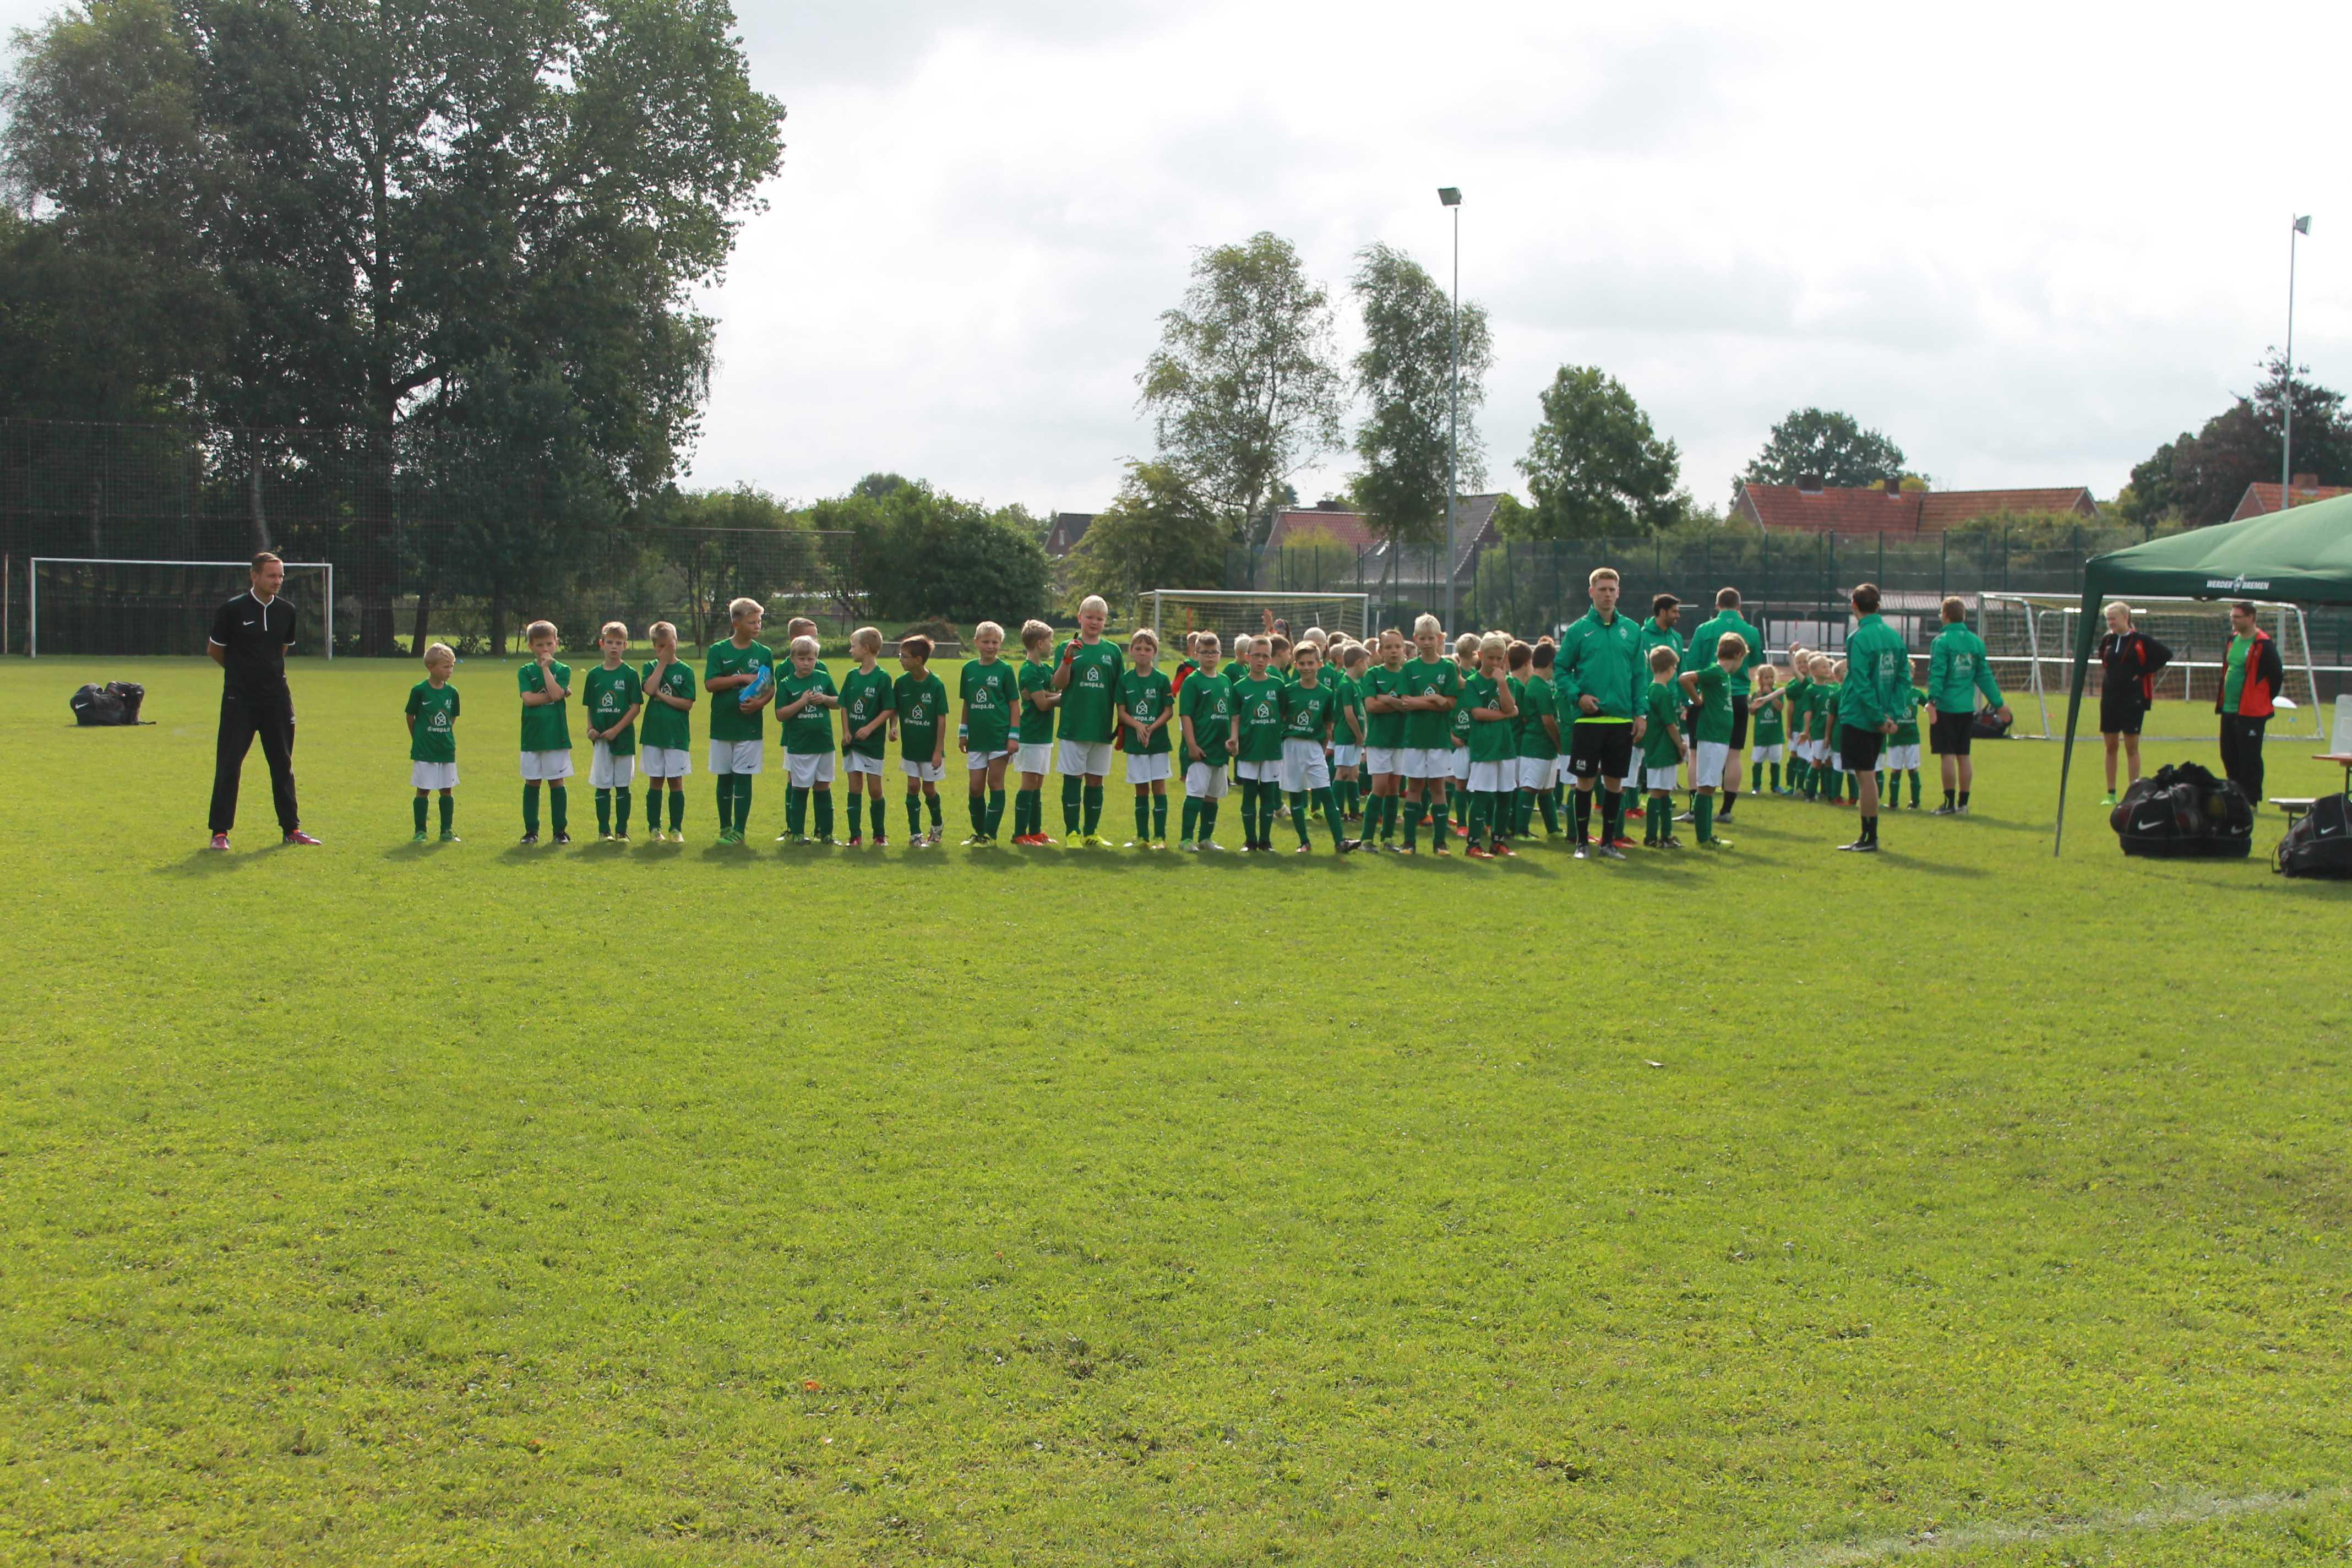 2016-08-13 Werder CAMPontour - Samstag (1)